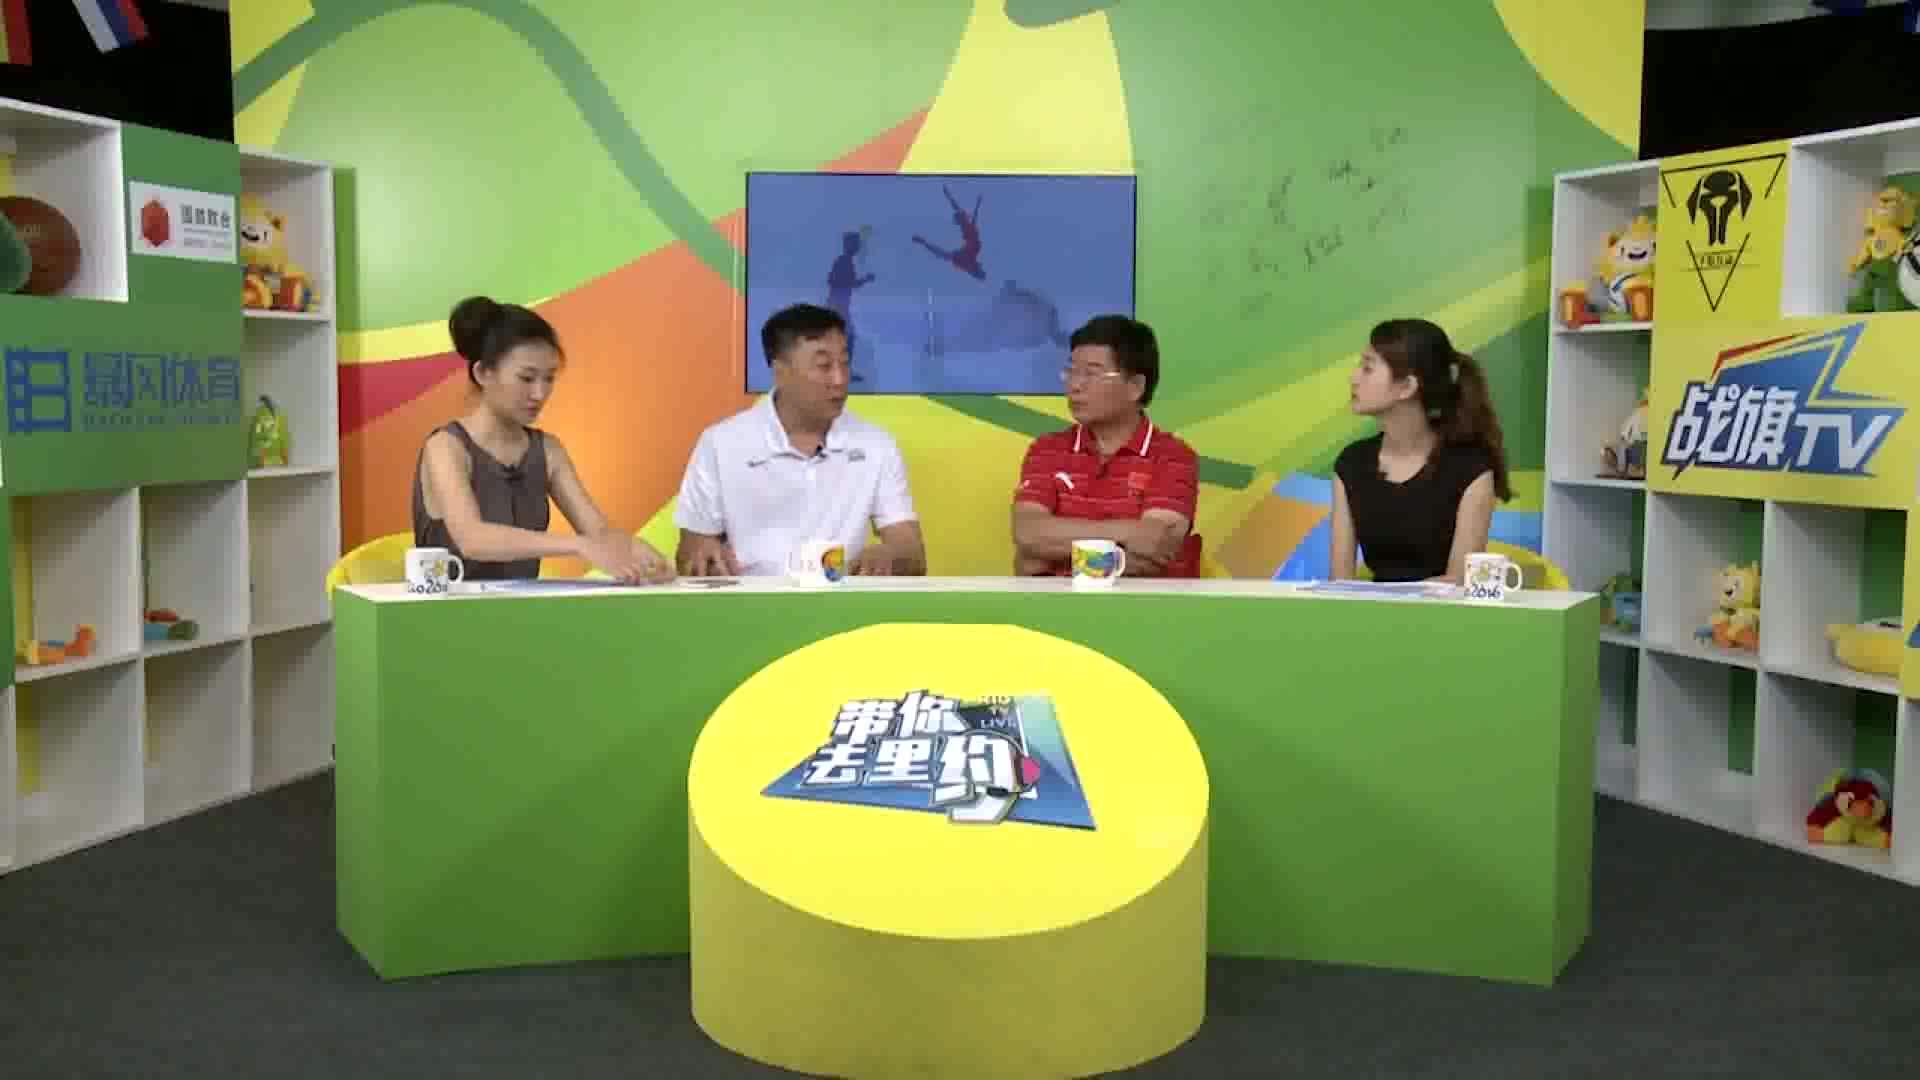 里约进行时3-3中国男篮对战里约瑞拉为何失利,如何化失败为动力